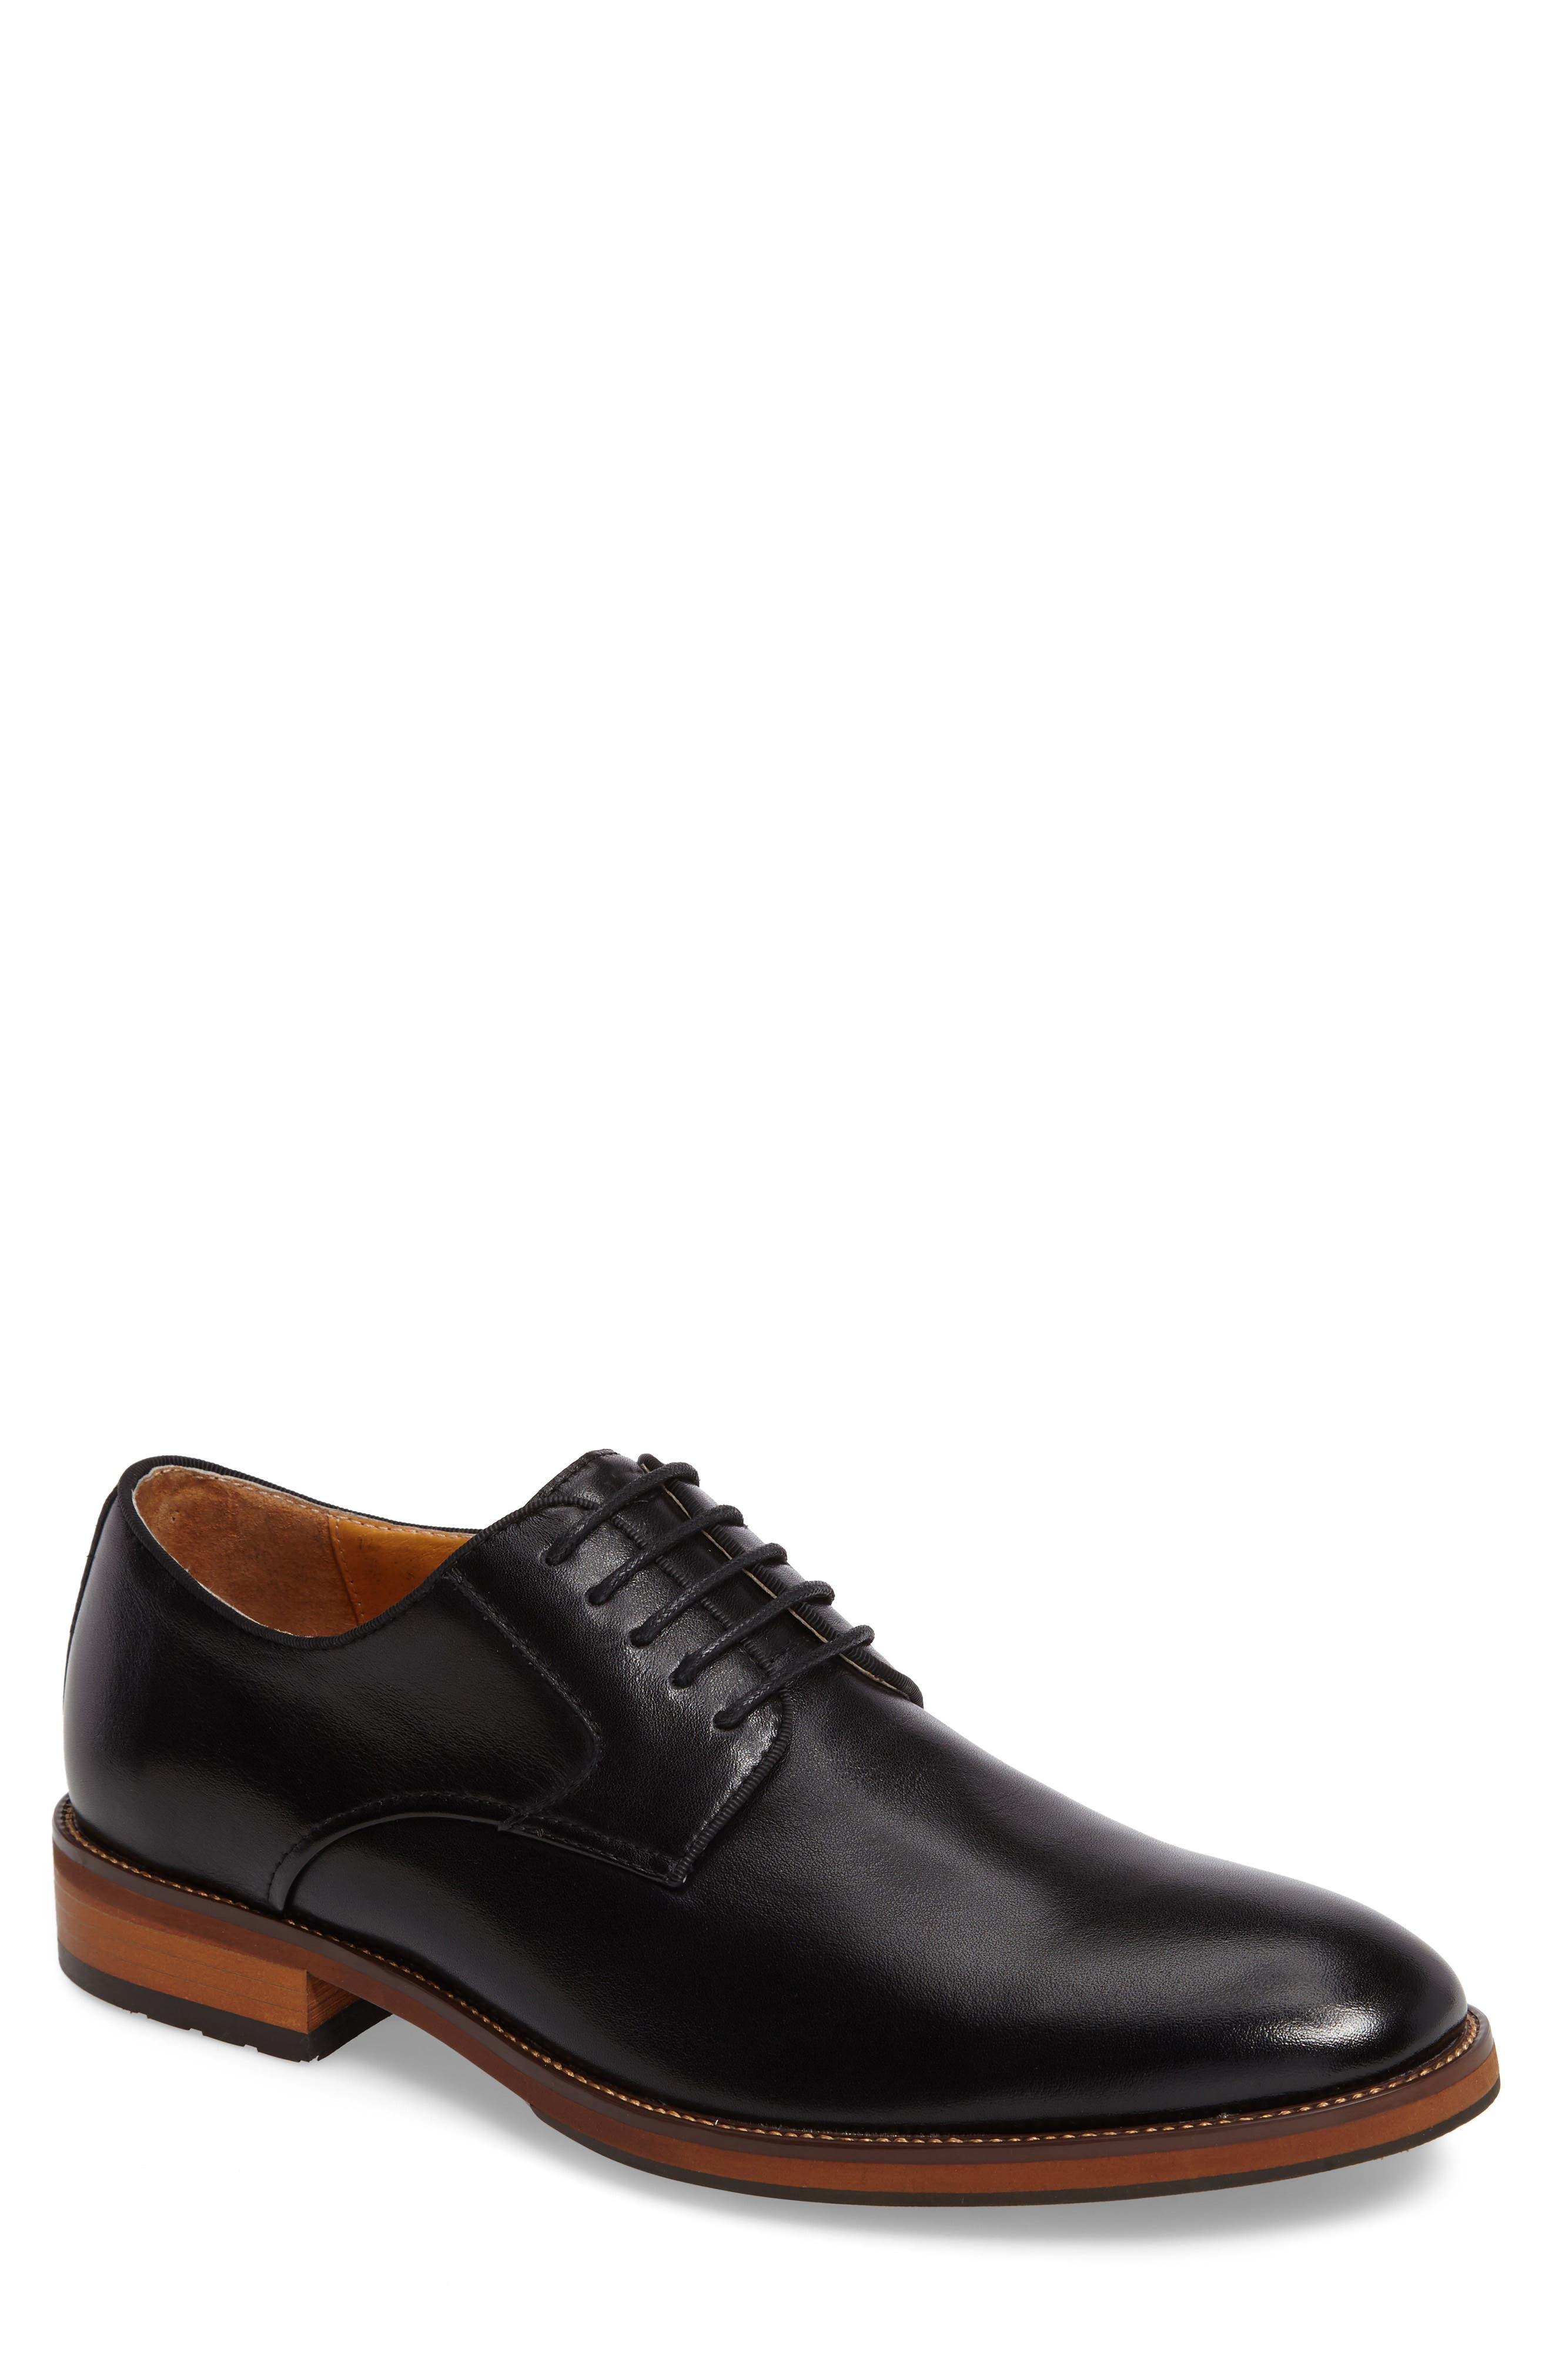 FLORSHEIM Blaze Plain Toe Derby, Main, color, BLACK LEATHER